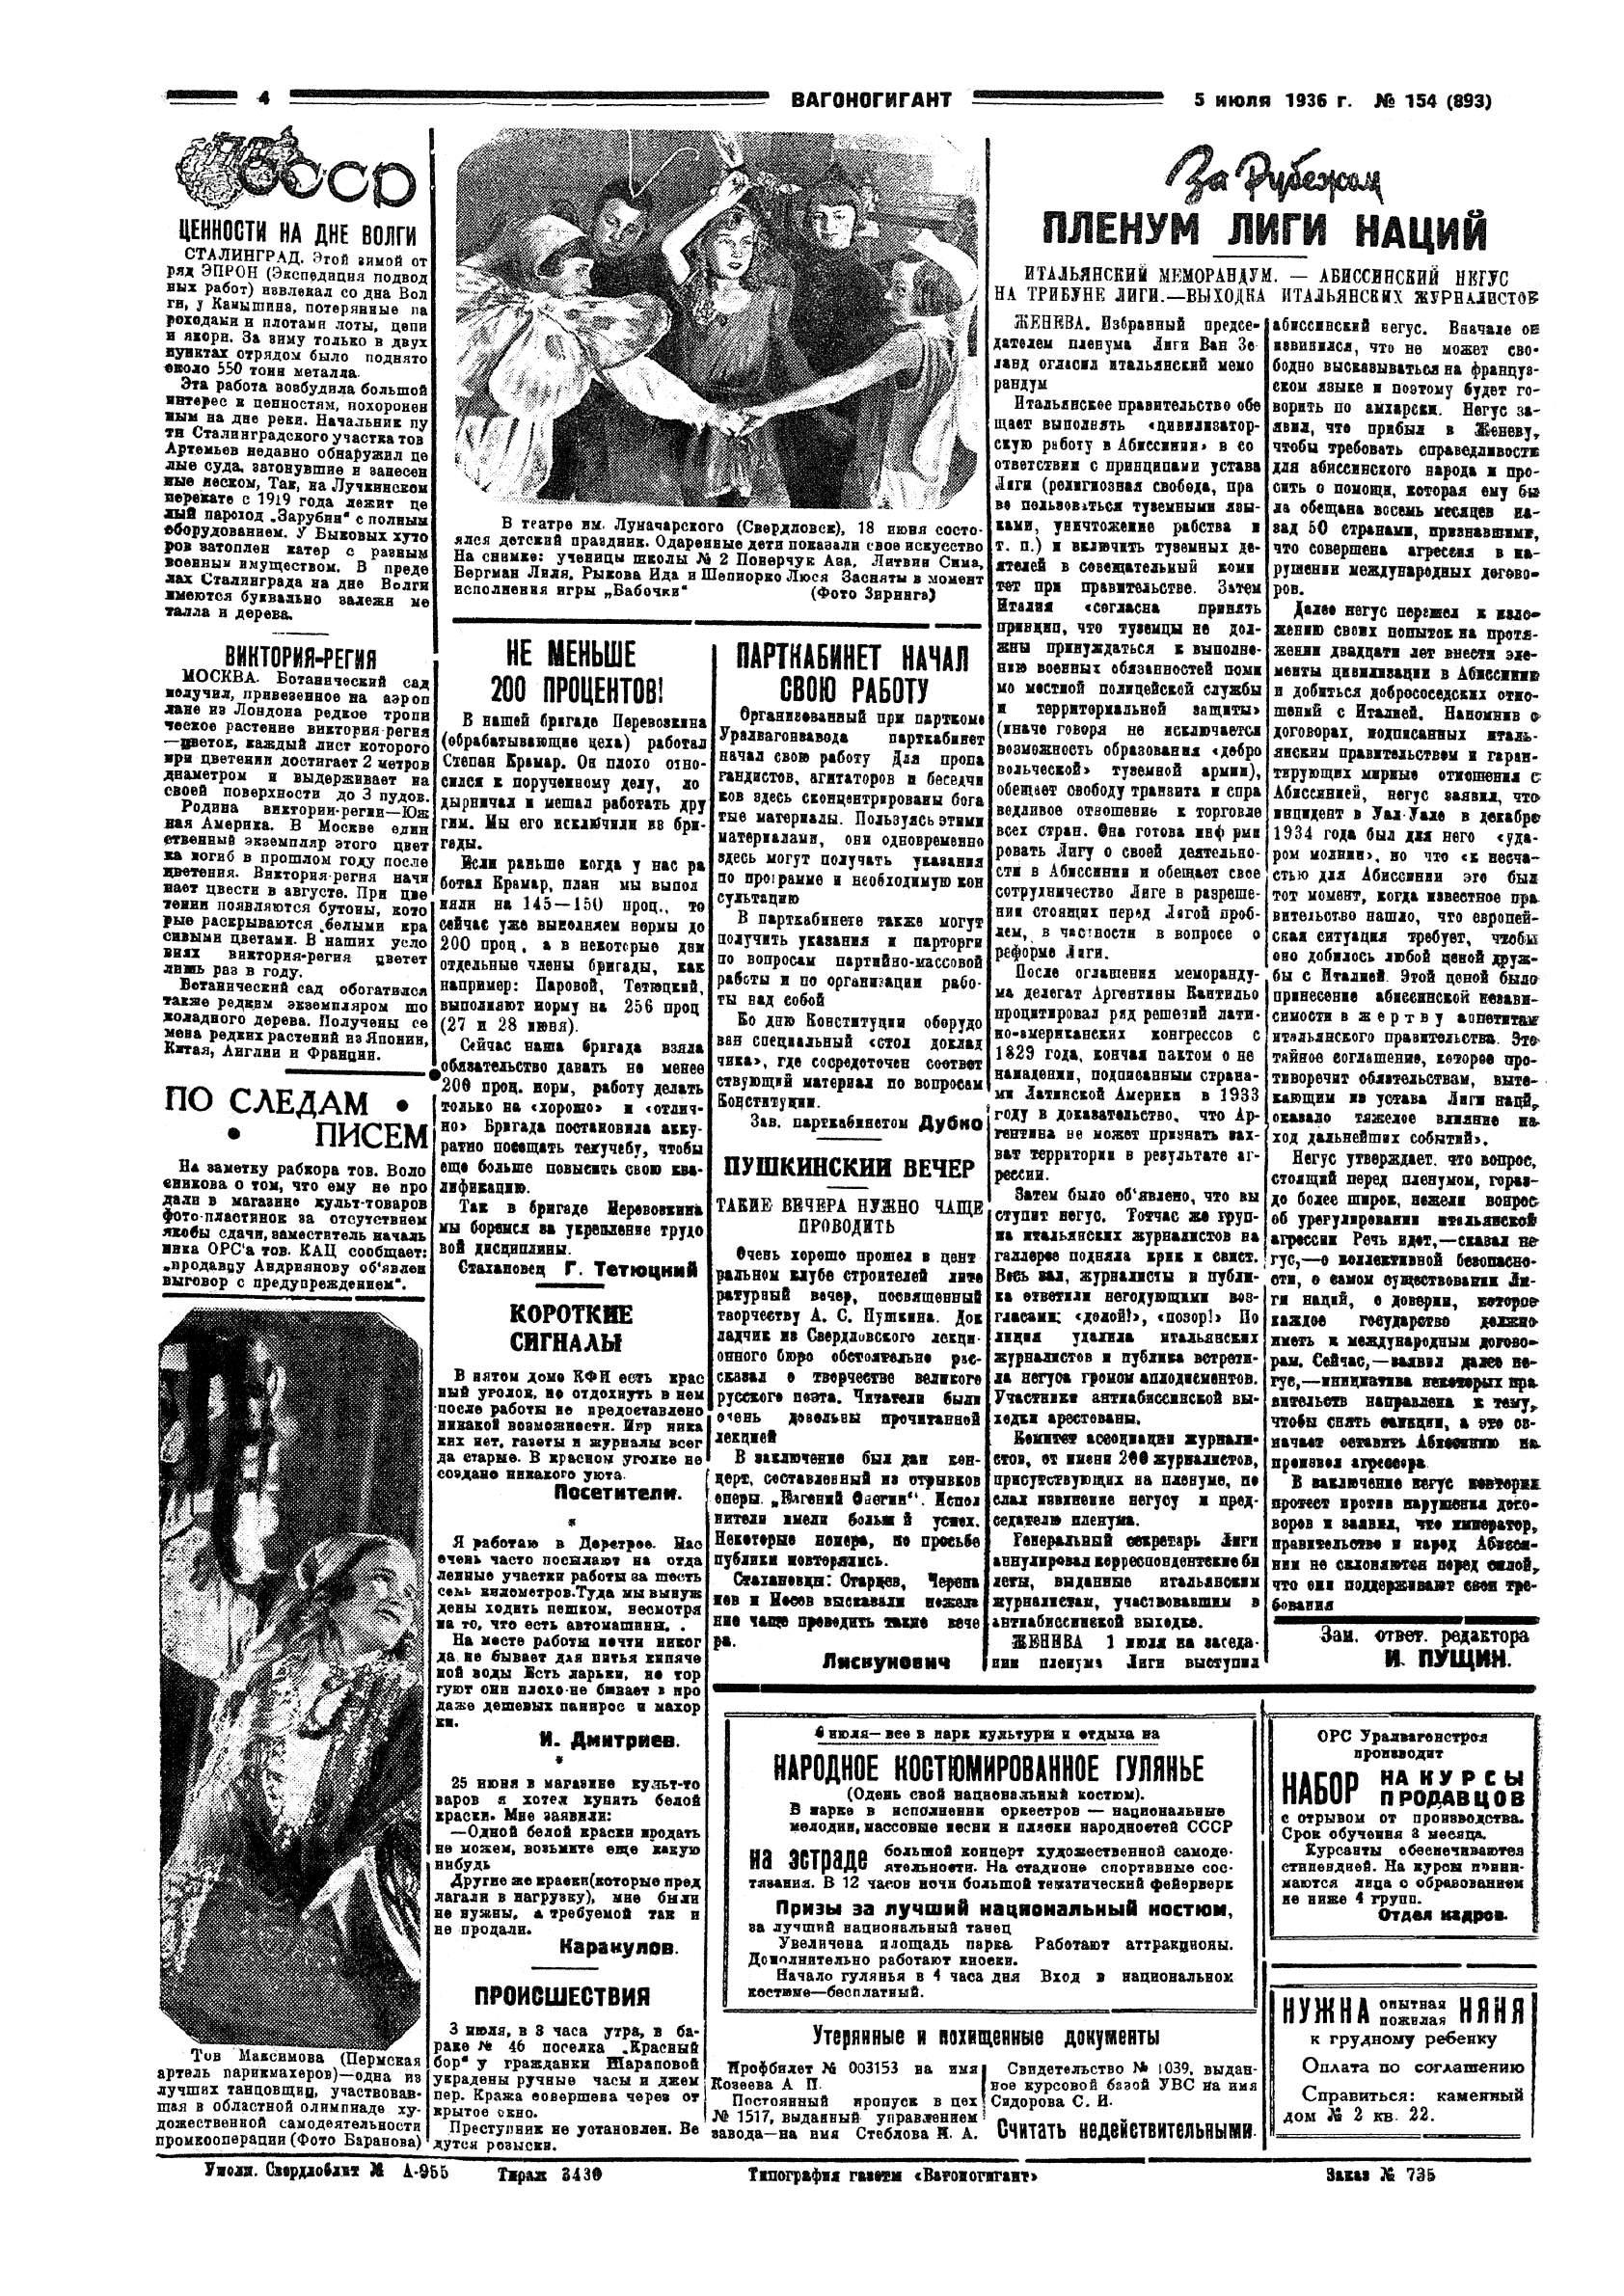 Вагонгигант_1936.compressed_Page_4